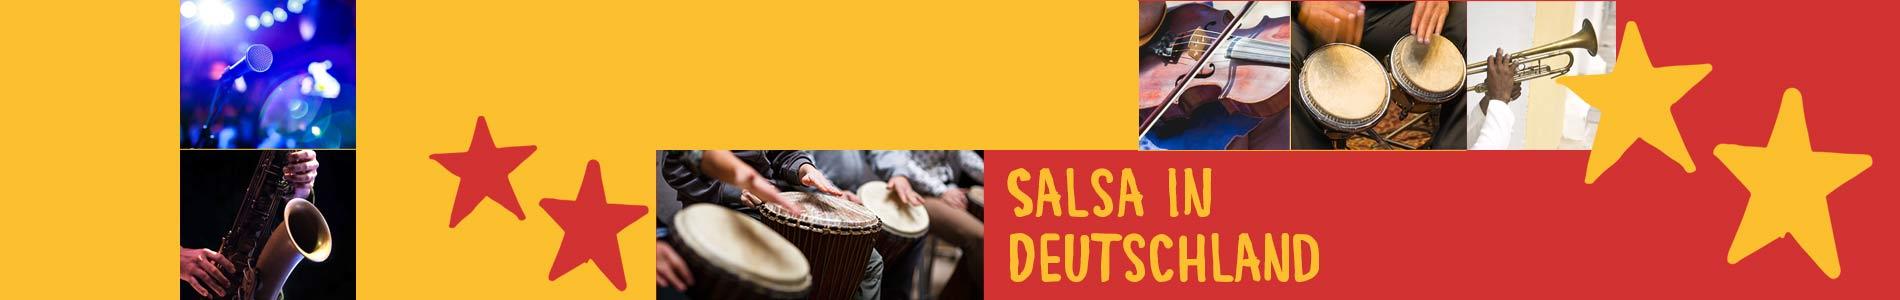 Salsa in Dahlem – Salsa lernen und tanzen, Tanzkurse, Partys, Veranstaltungen